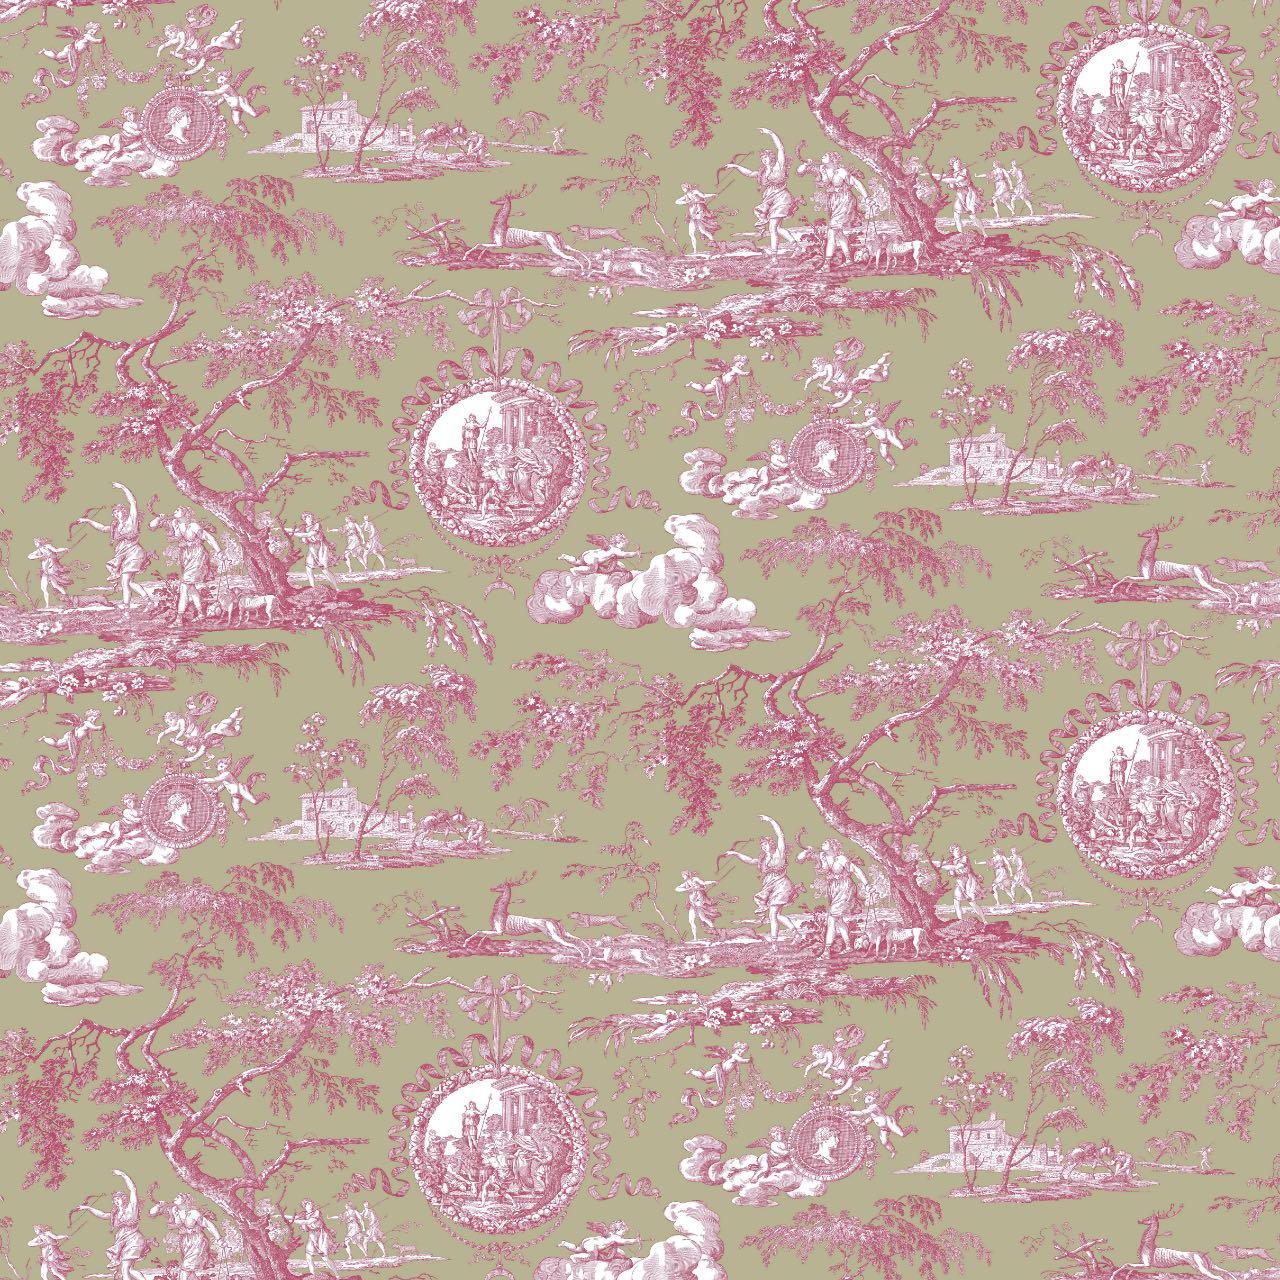 フランス壁紙 フリース(不織布) トワル・ド・ジュイ デザイン 《ディアーナの狩猟》  グリーン & ピンク